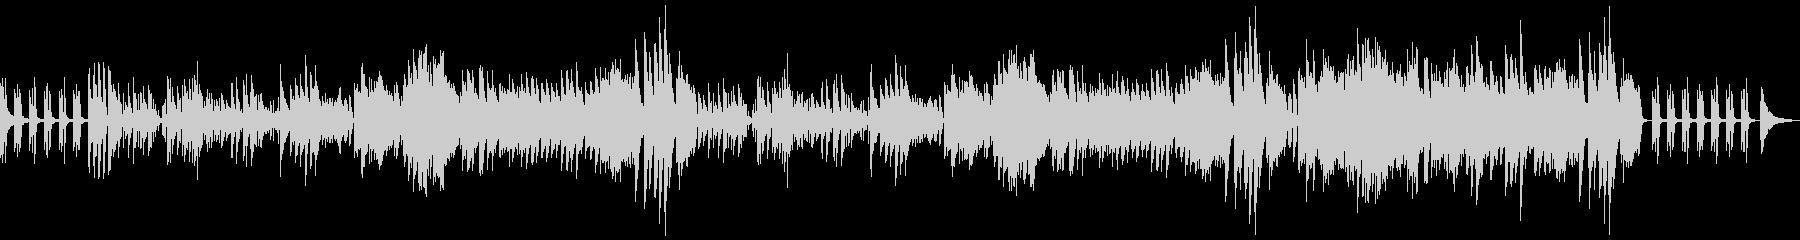 明るく軽くラグジュアリーなソロピアノ 1の未再生の波形